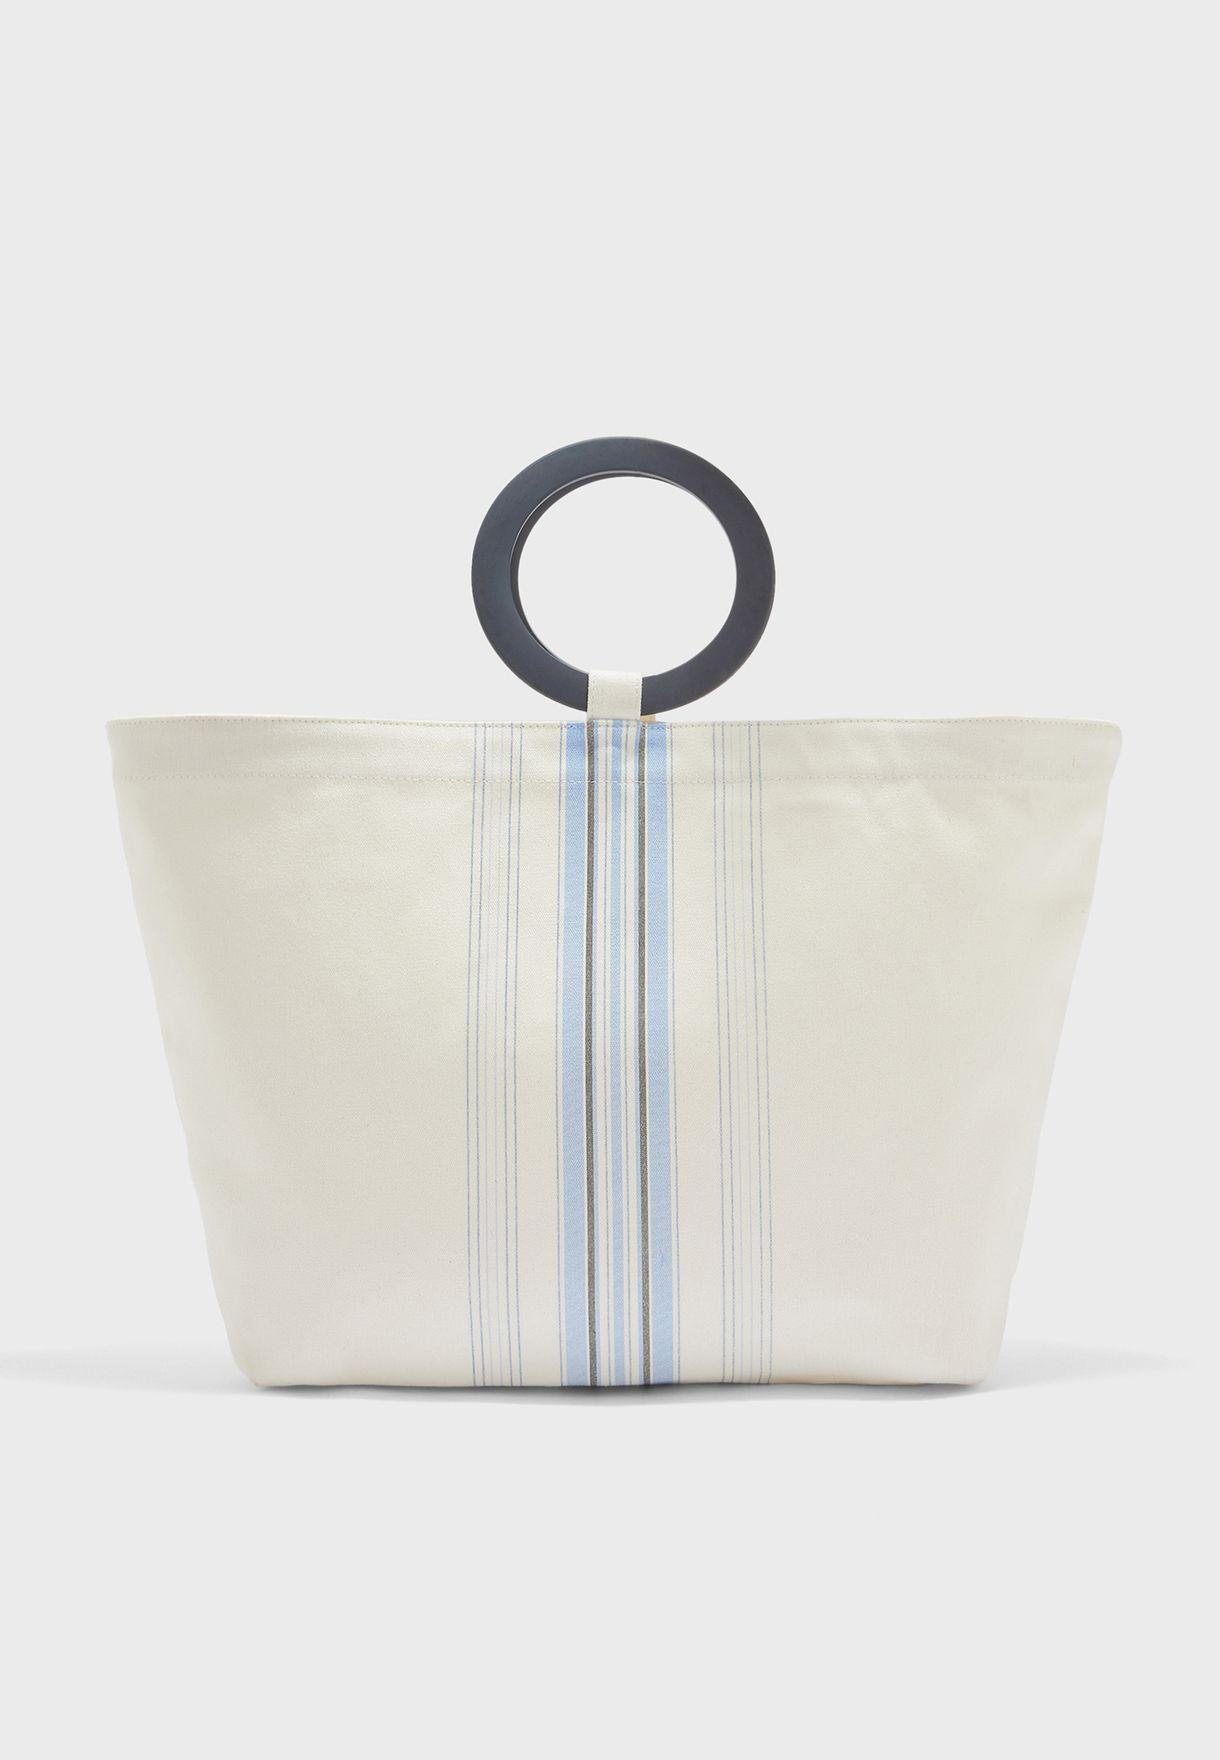 műanyag táskafül karika